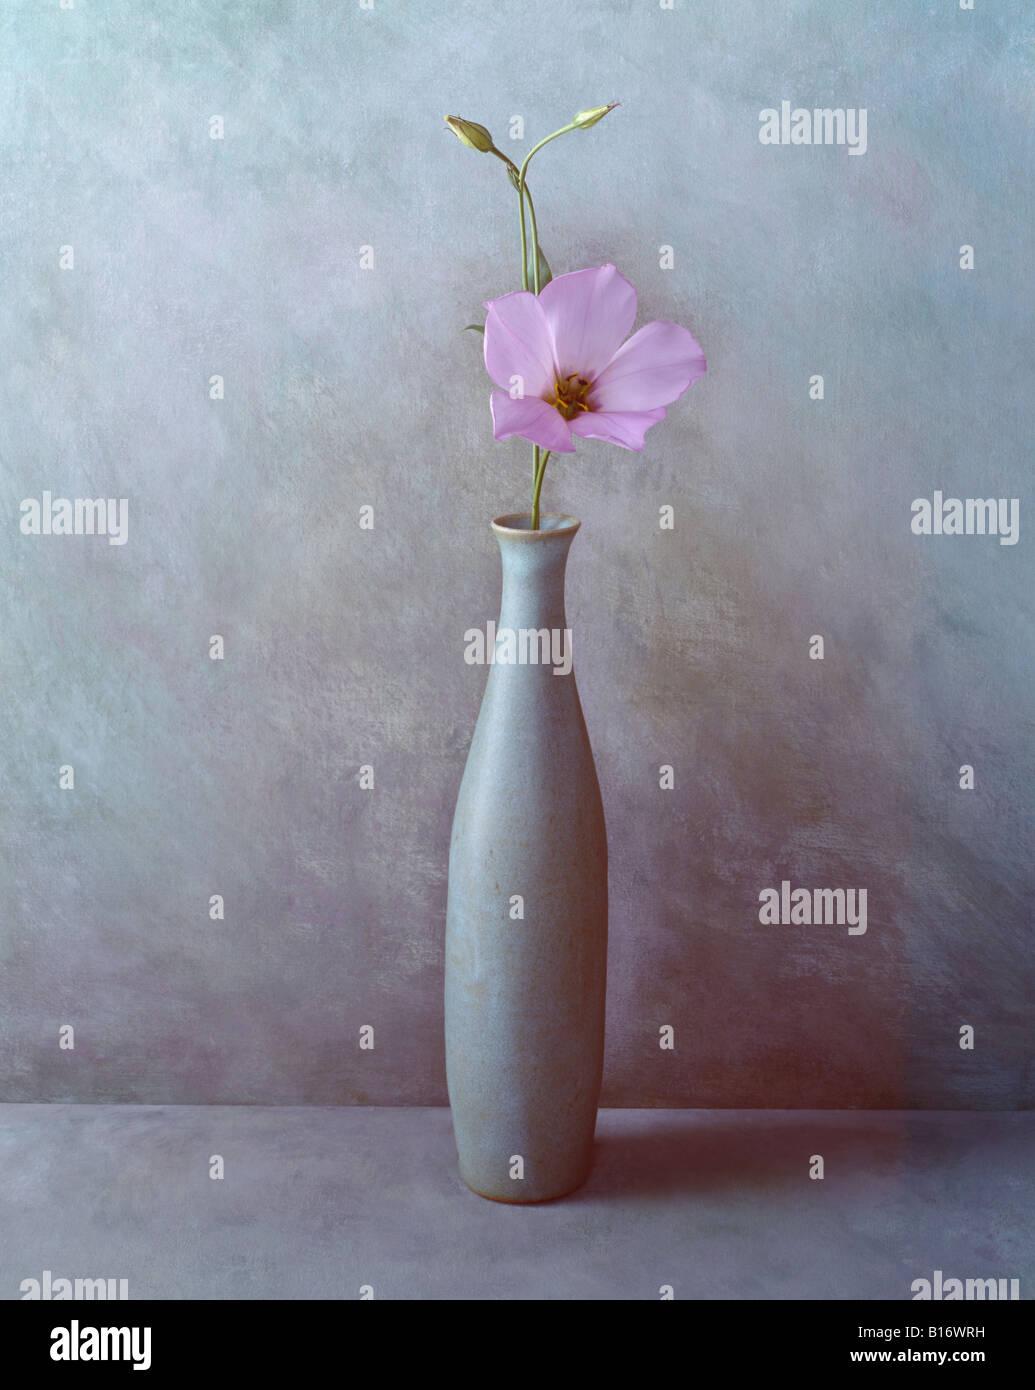 4 d'une série de photos couleur format portrait est celui d'une fleur de lilas sur une toile peinte Photo Stock